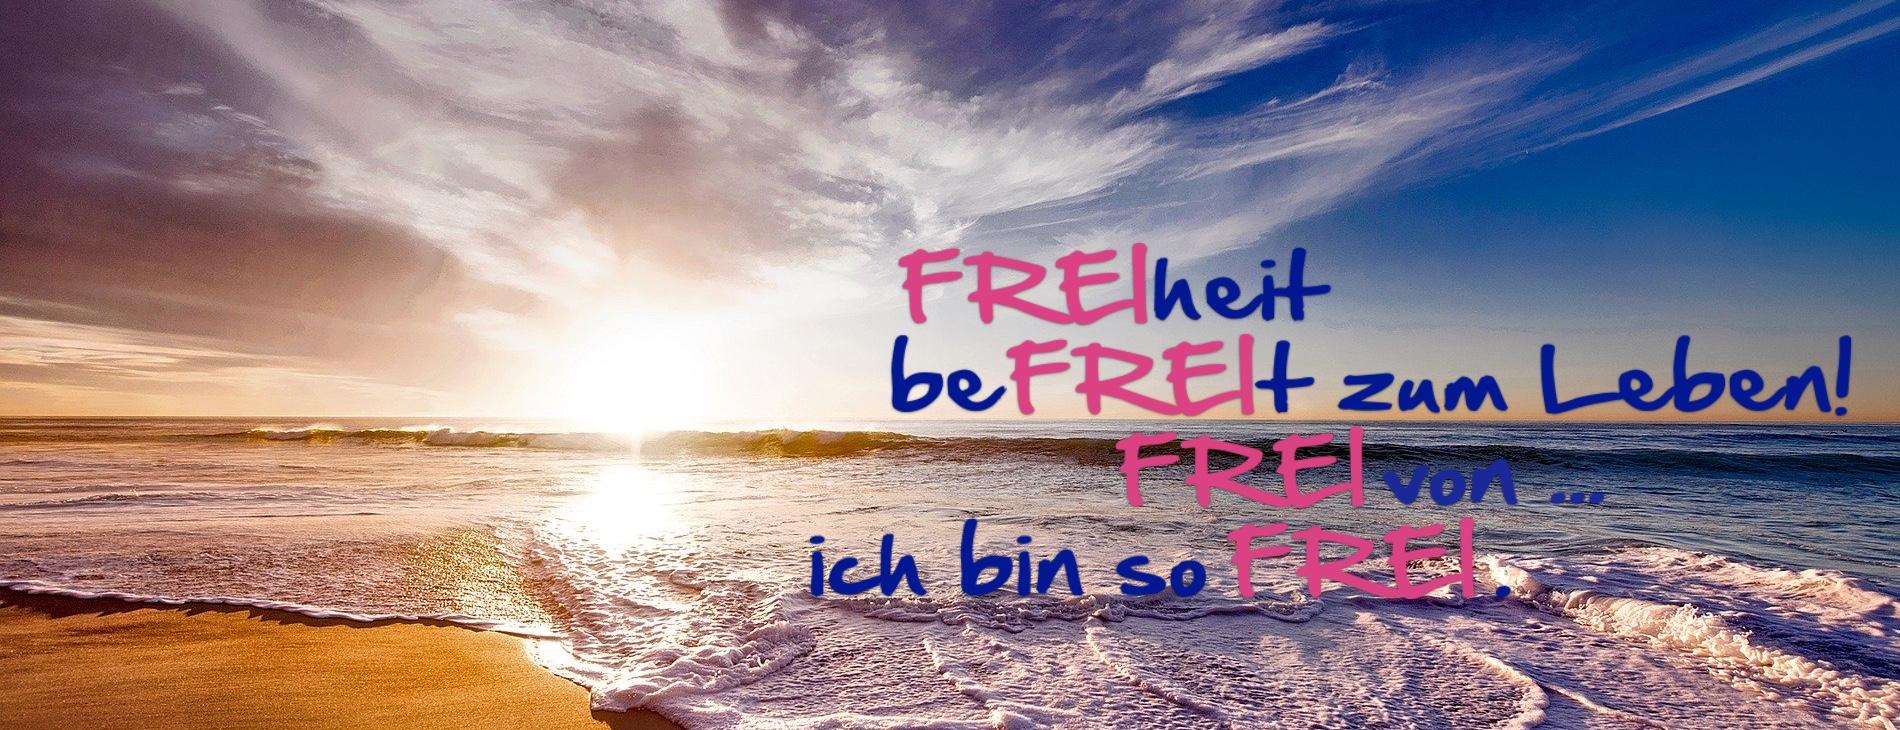 Plakataktion: Freiheit